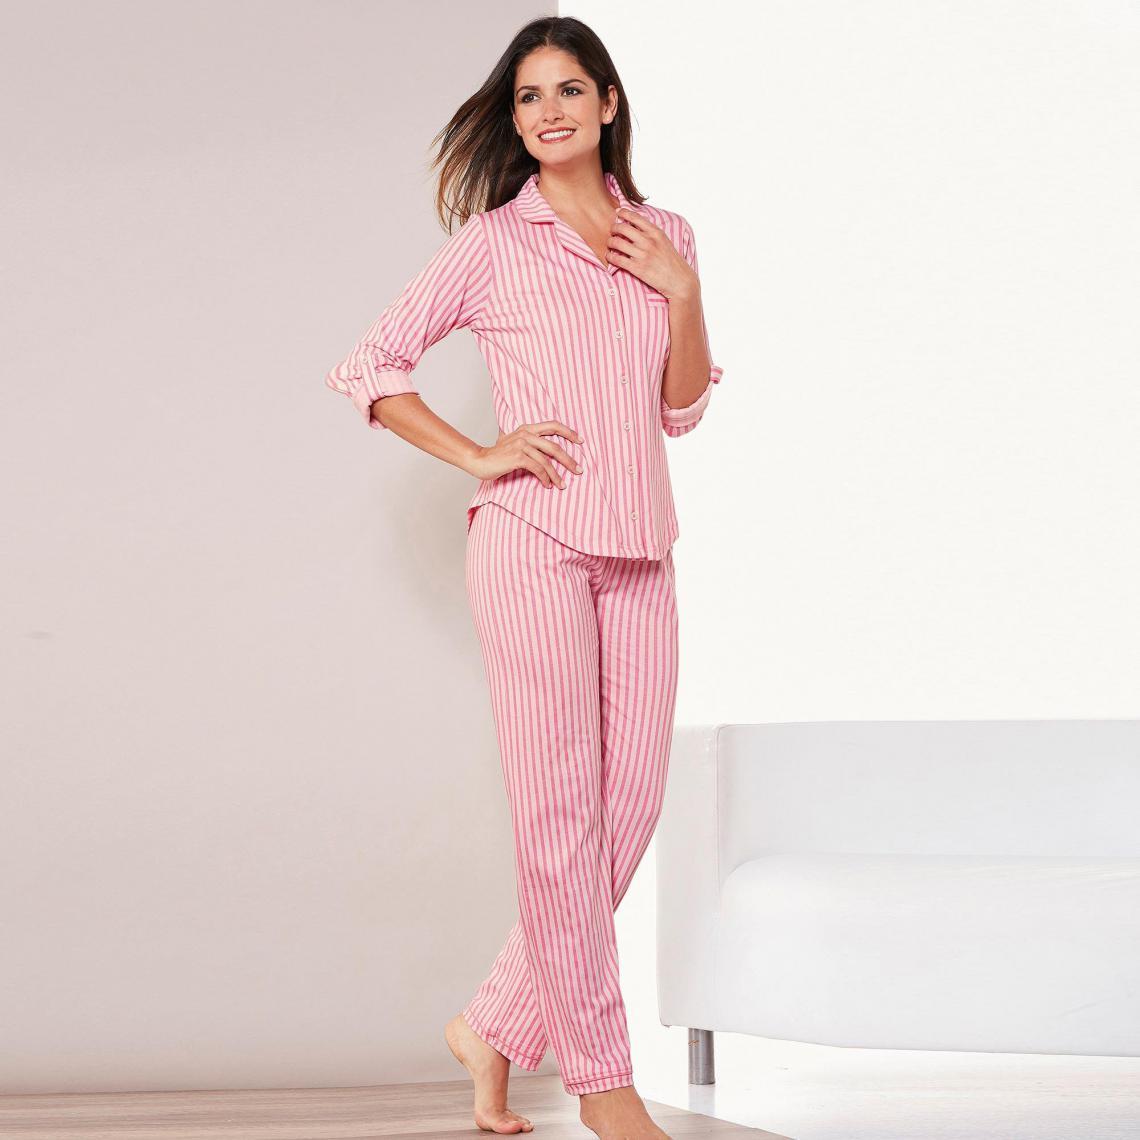 Pyjama rayé chemise manches longues pantalon femme Exclusivité 3SUISSES -  rayé rose 3 Suisses Lingerie femme e10a424e01a3